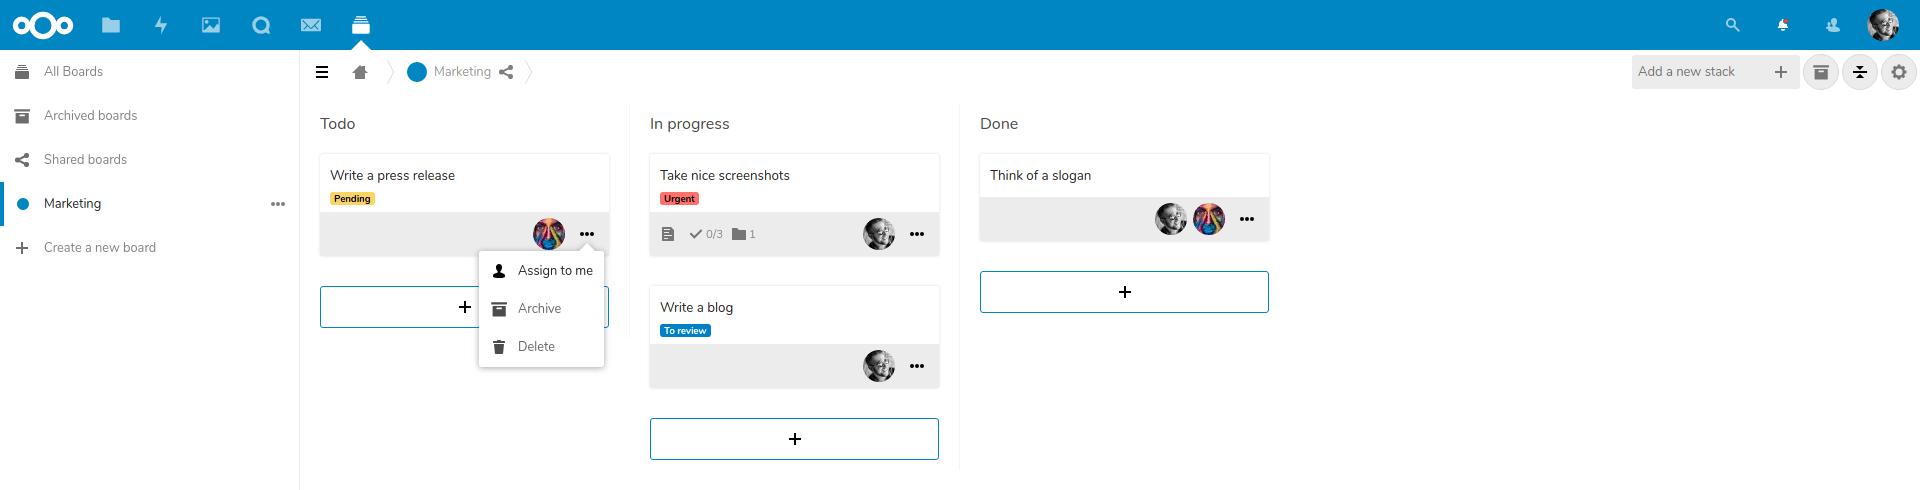 Nextcloud Deck release improves integration & collaboration